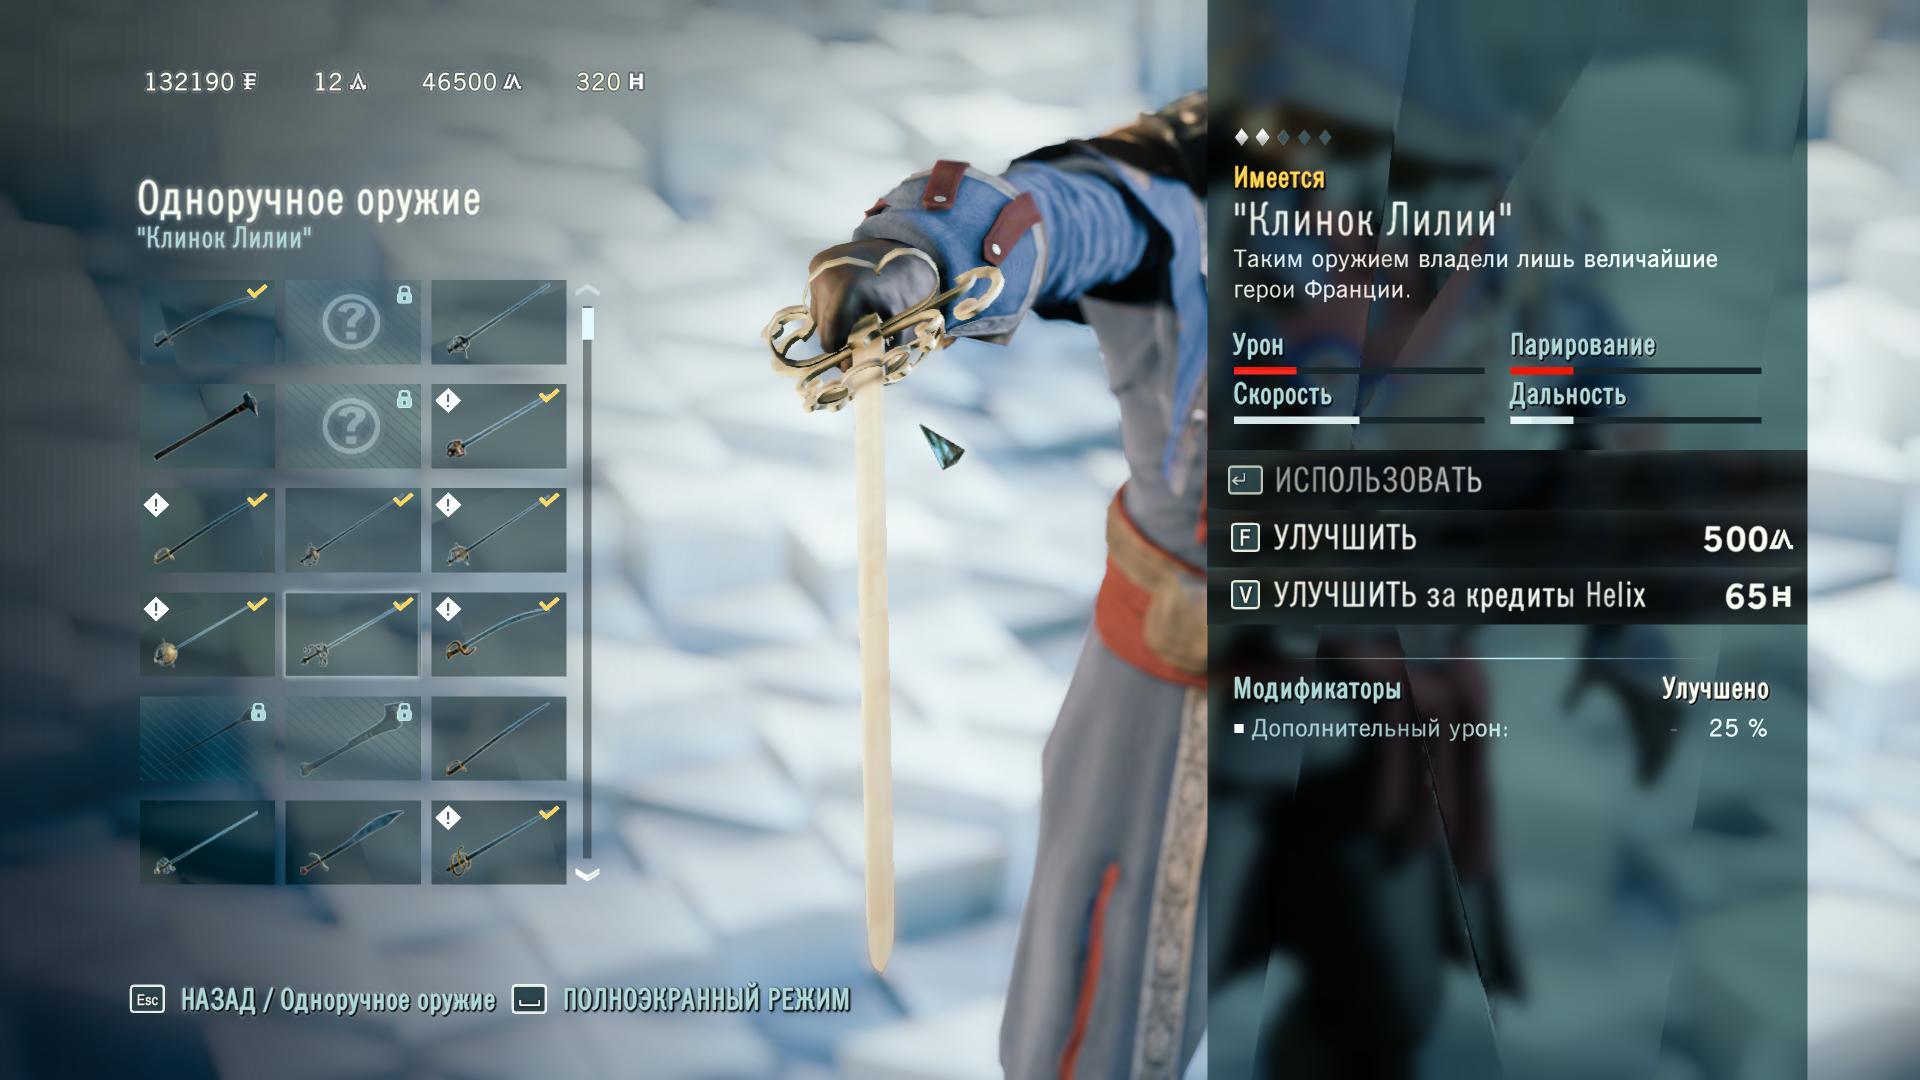 В ПК-версии Assassin's Creed Unity разблокирован клинок Лилии